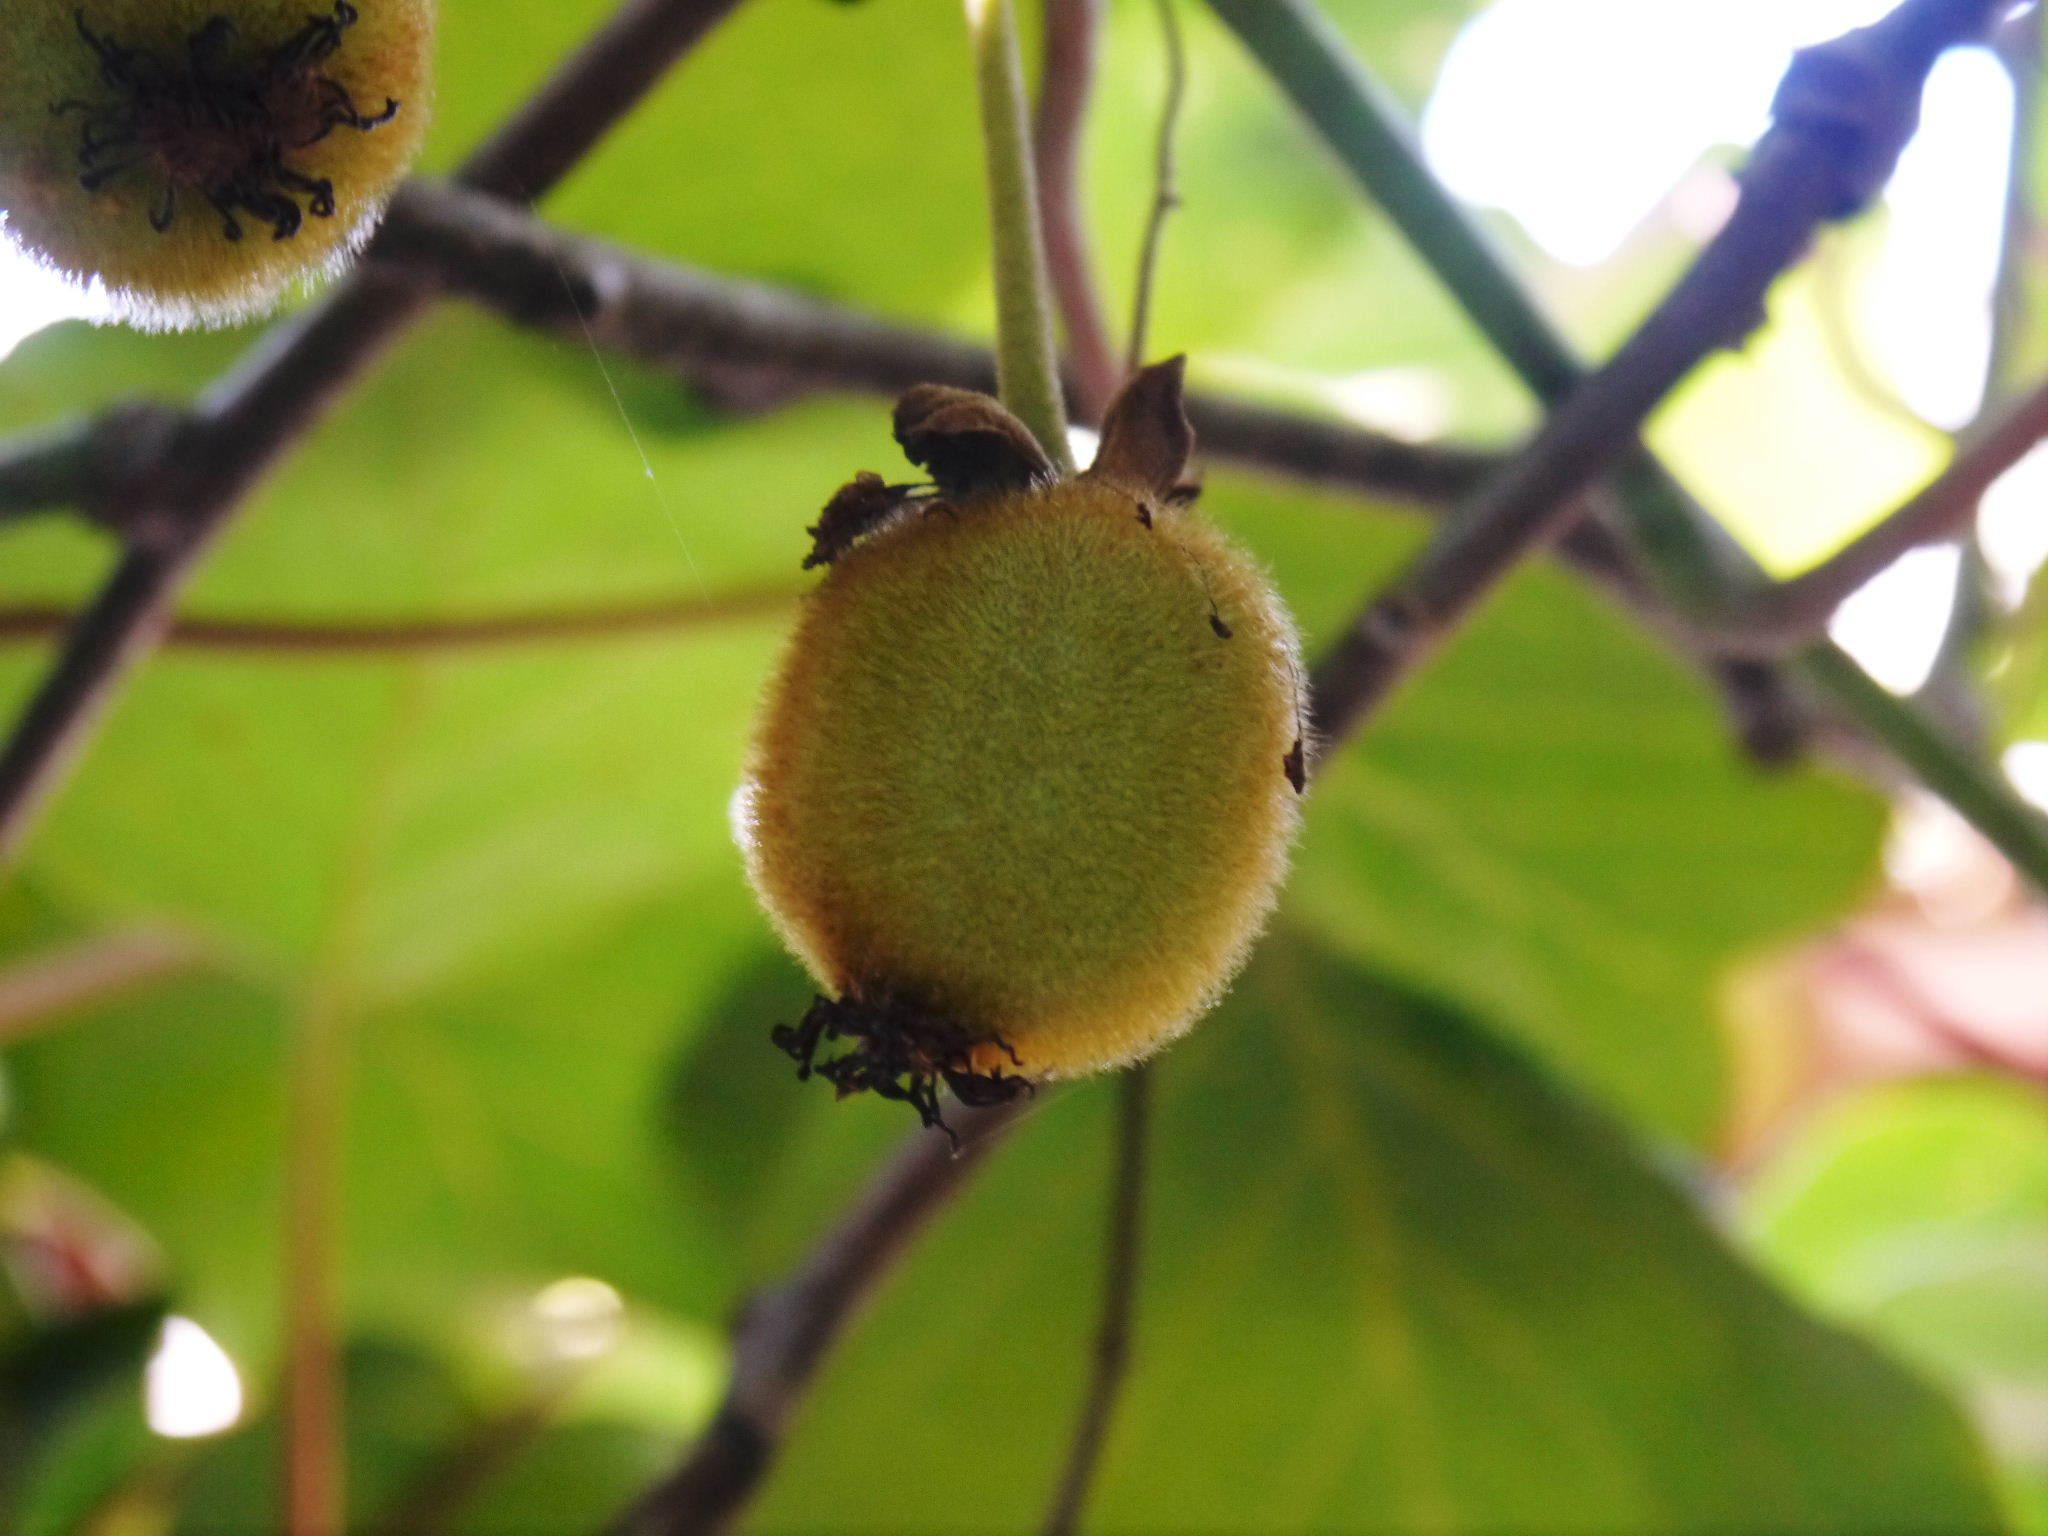 水源キウイ 令和3年の収穫は例年より少し早く11月上旬からの予定!今年も完全無農薬・無化学肥料栽培です_a0254656_18270046.jpg